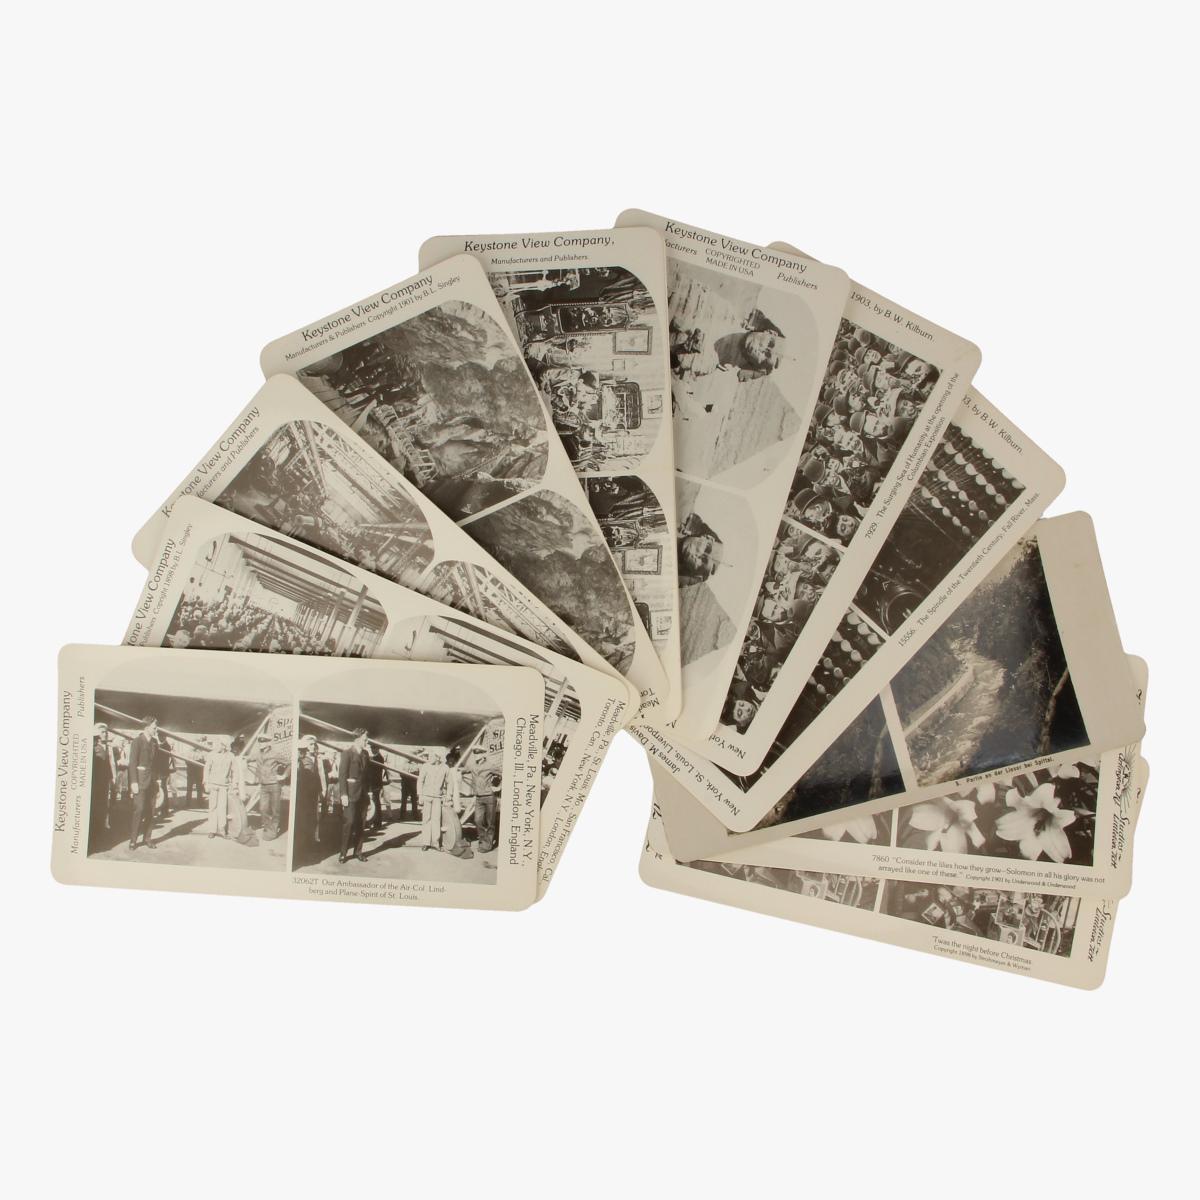 Afbeeldingen van Keystone View Company. Postkaarten.